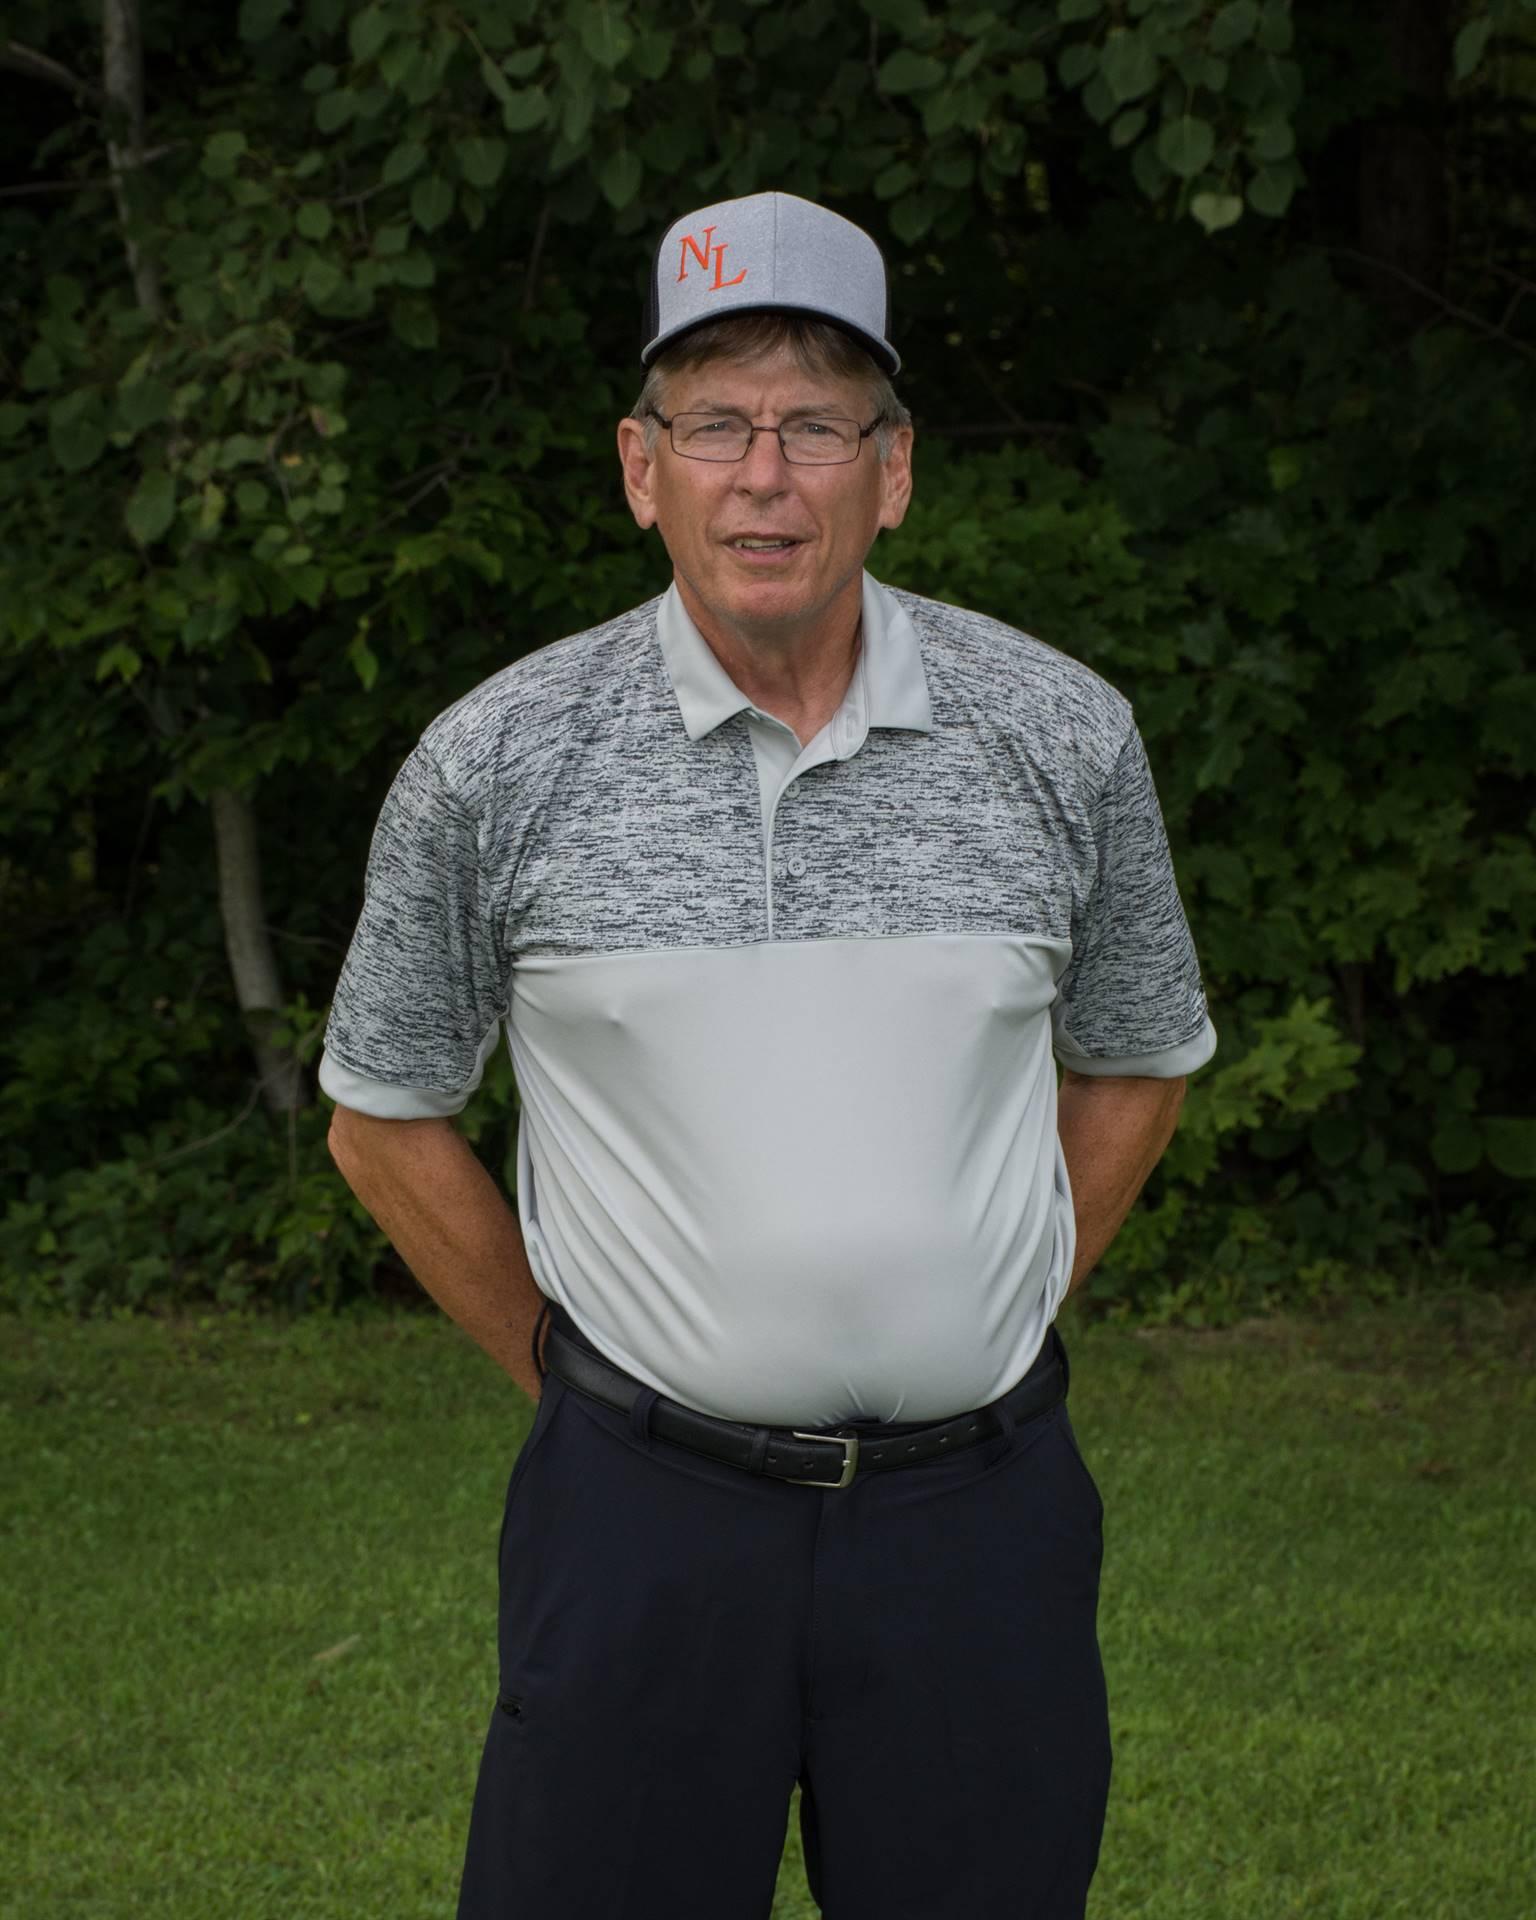 2018 Golf Coach - Tim O'Hare